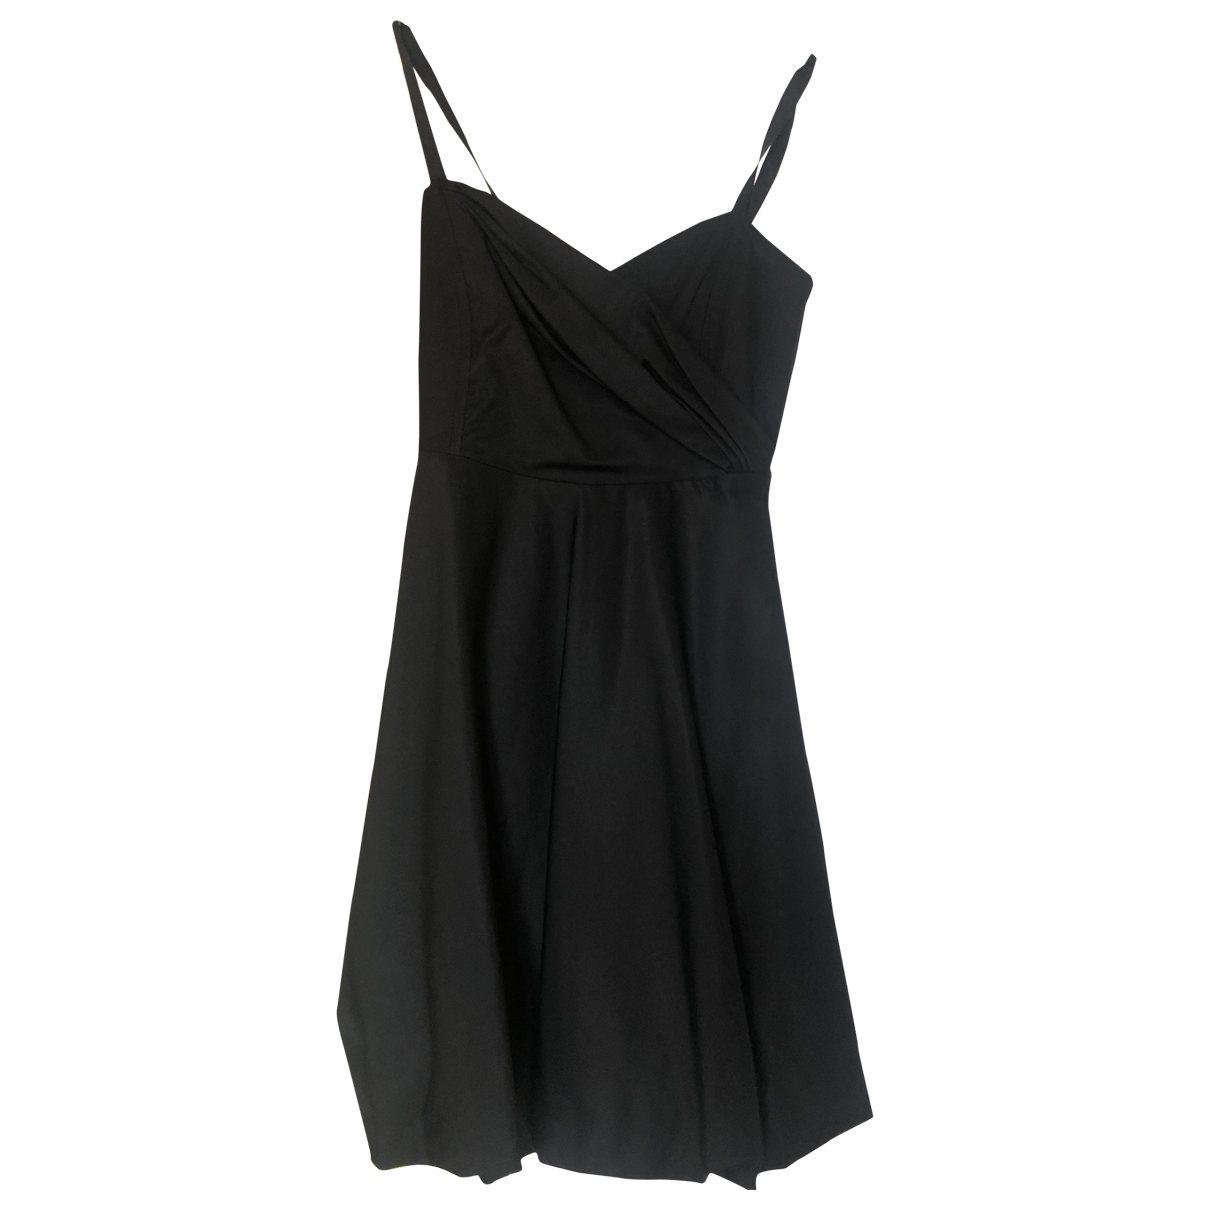 Patrizia Pepe \N Kleid in  Schwarz Baumwolle